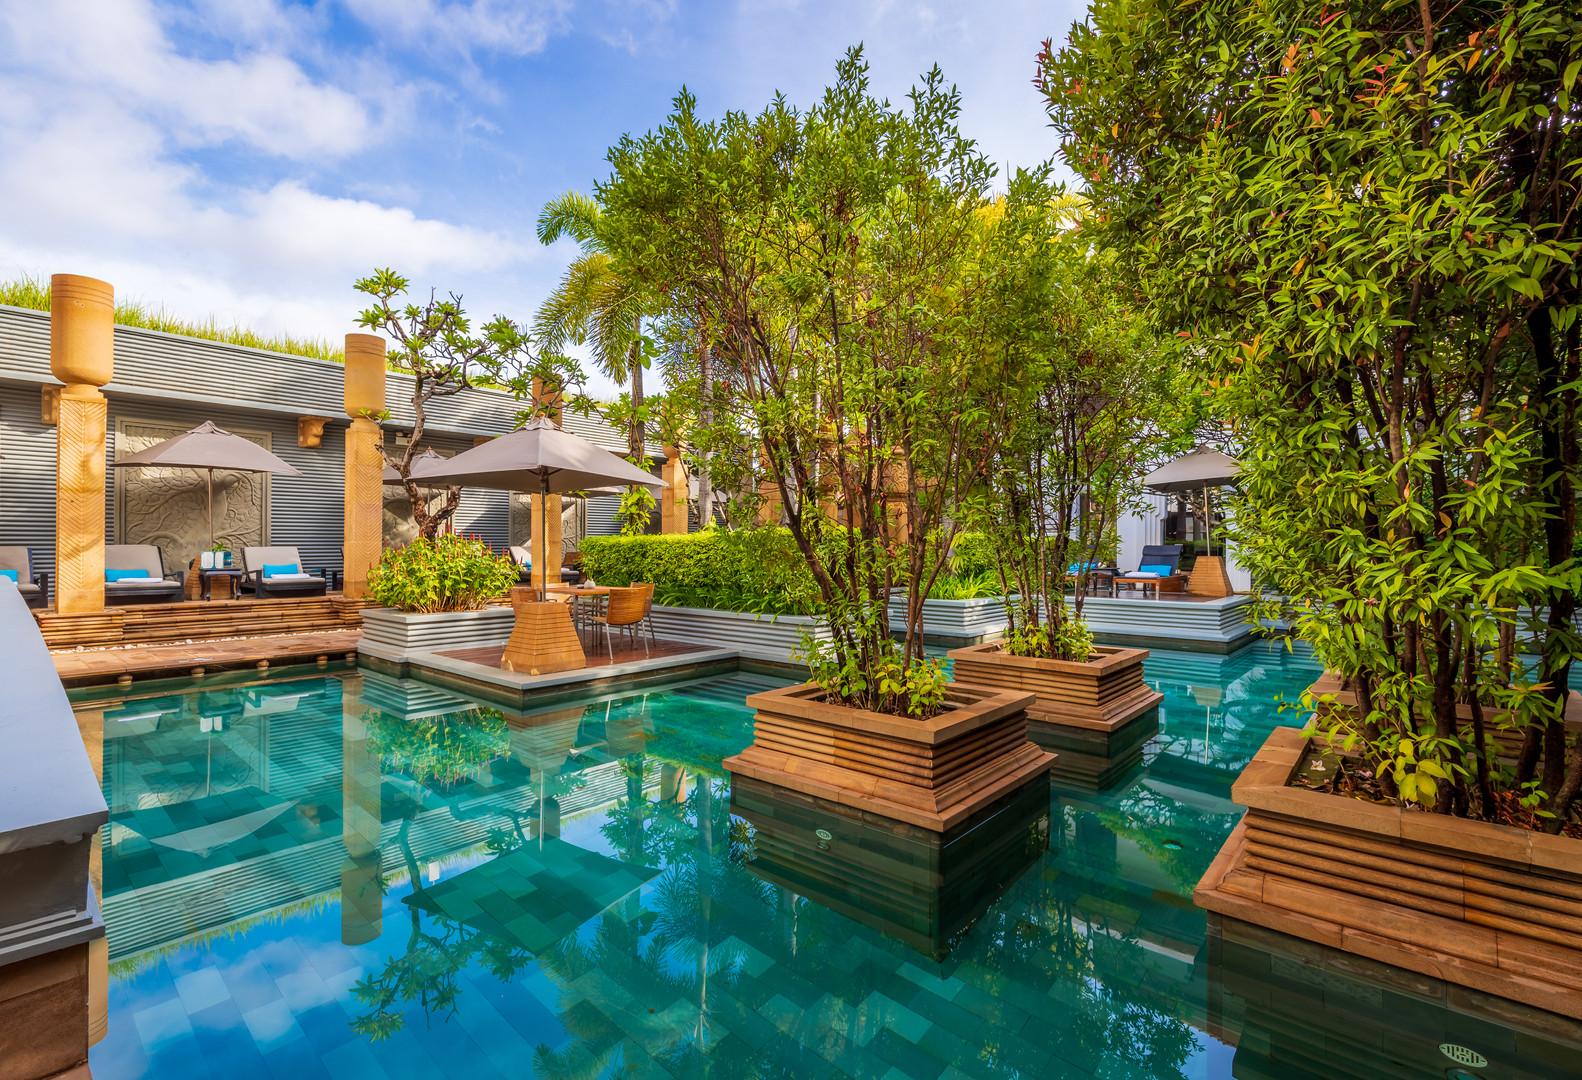 Park Hyatt, Siem Reap Cambodia